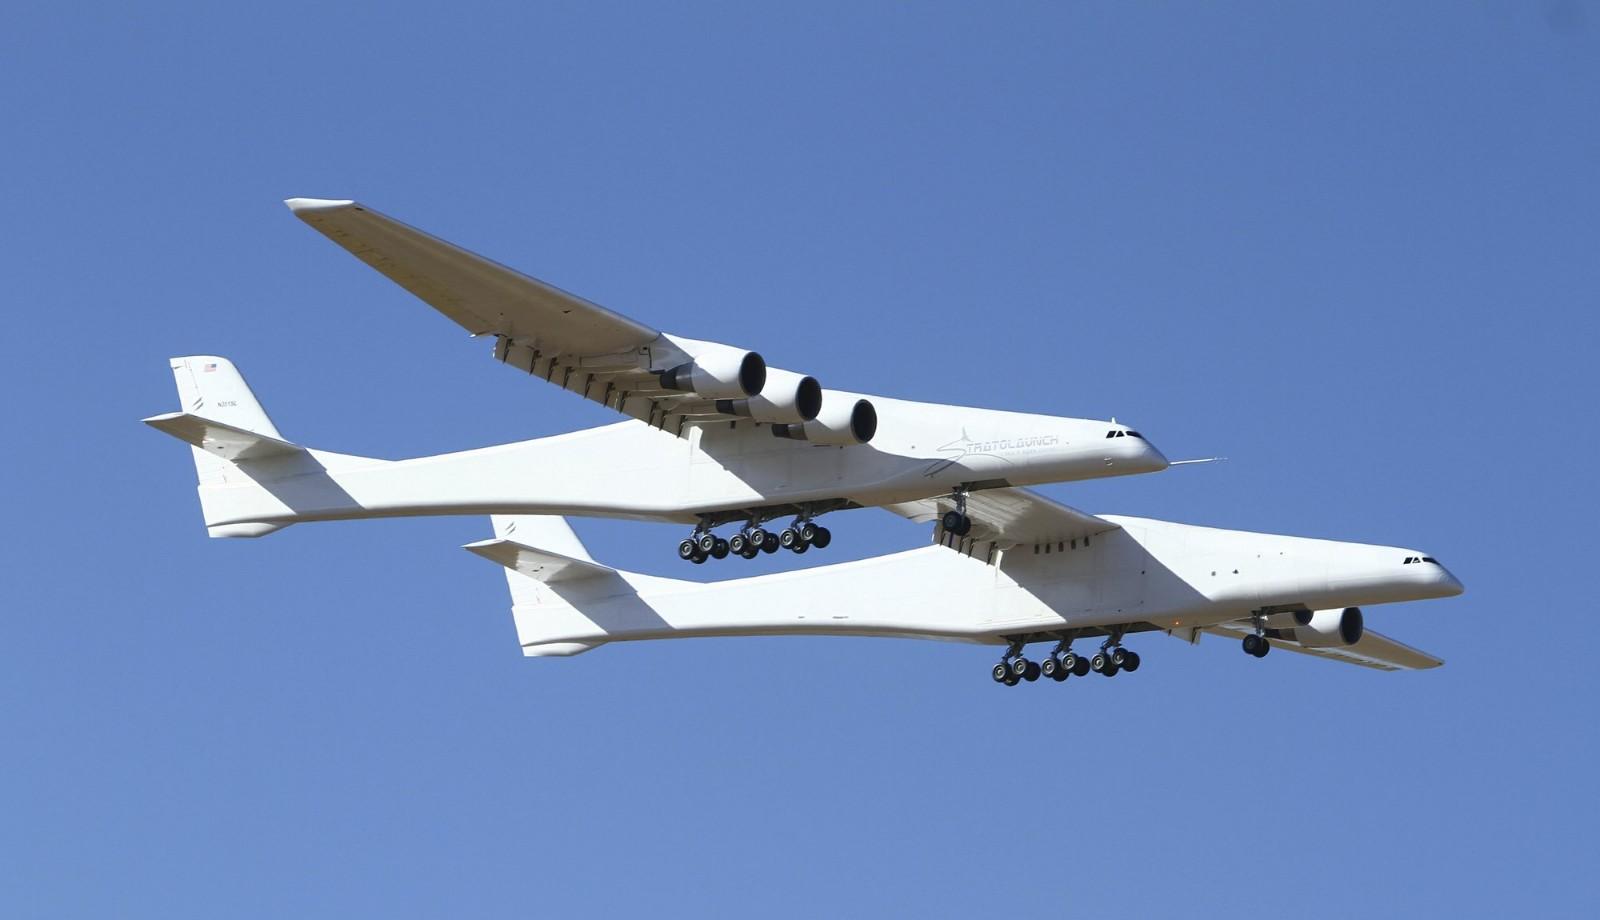 拥有世界最长翼展飞机首飞成功 六引擎可载三颗卫星火箭_图1-1